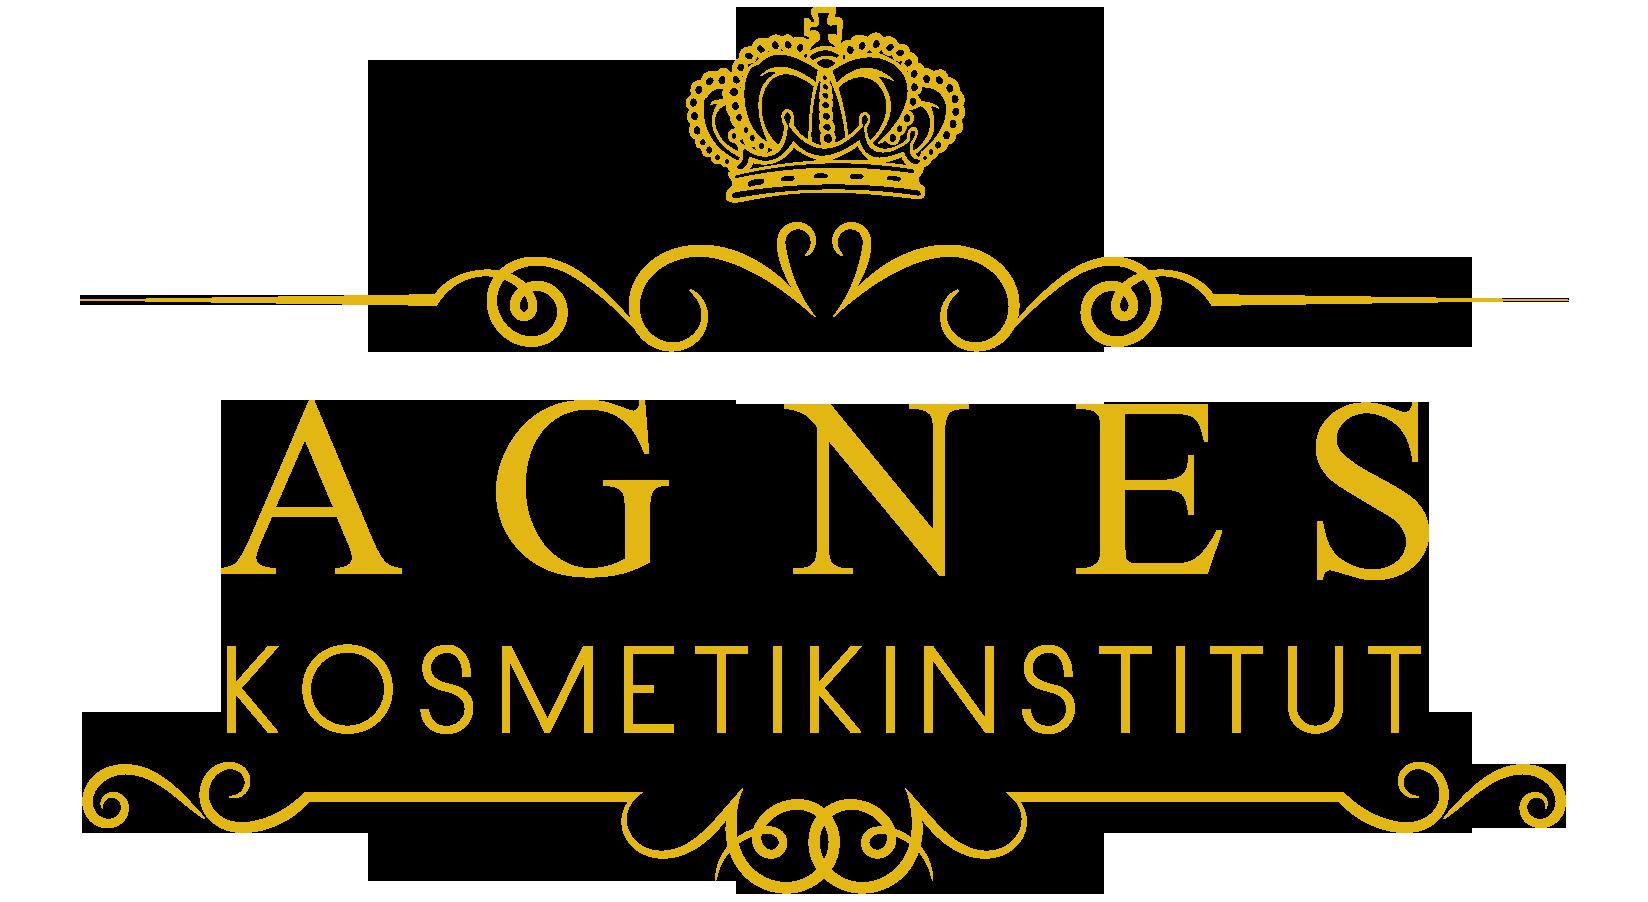 Kosmetikinstitut Agnes Hagen